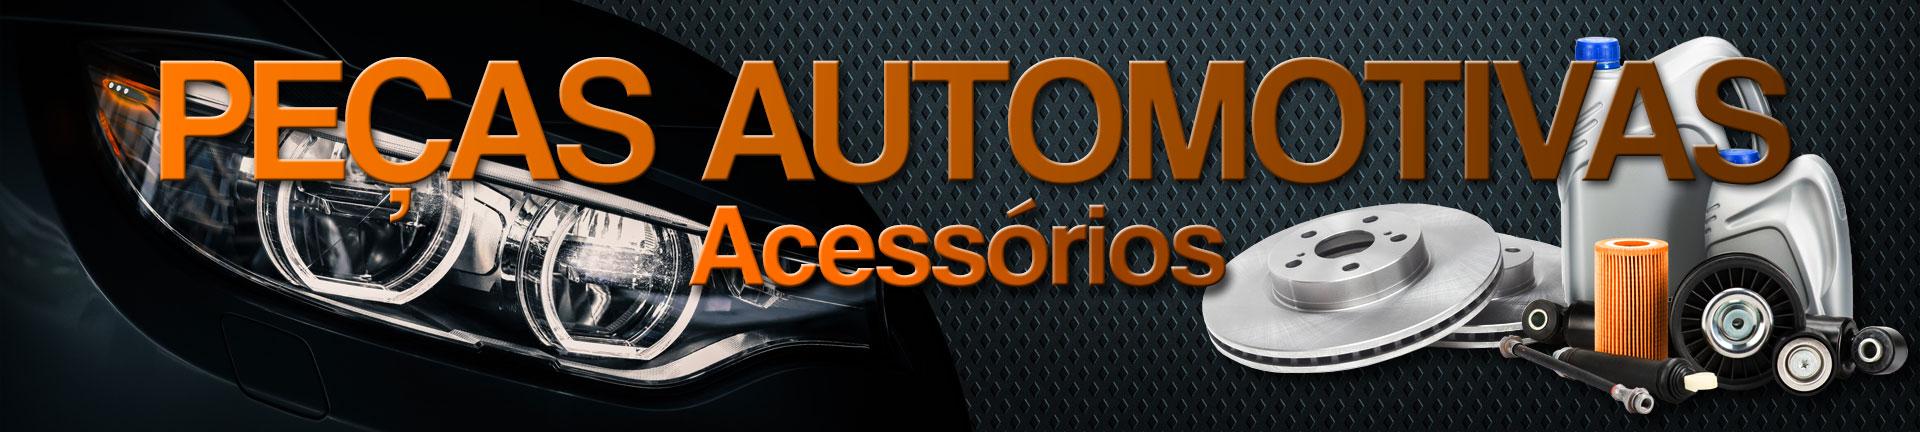 Peças e acessórios para automóveis